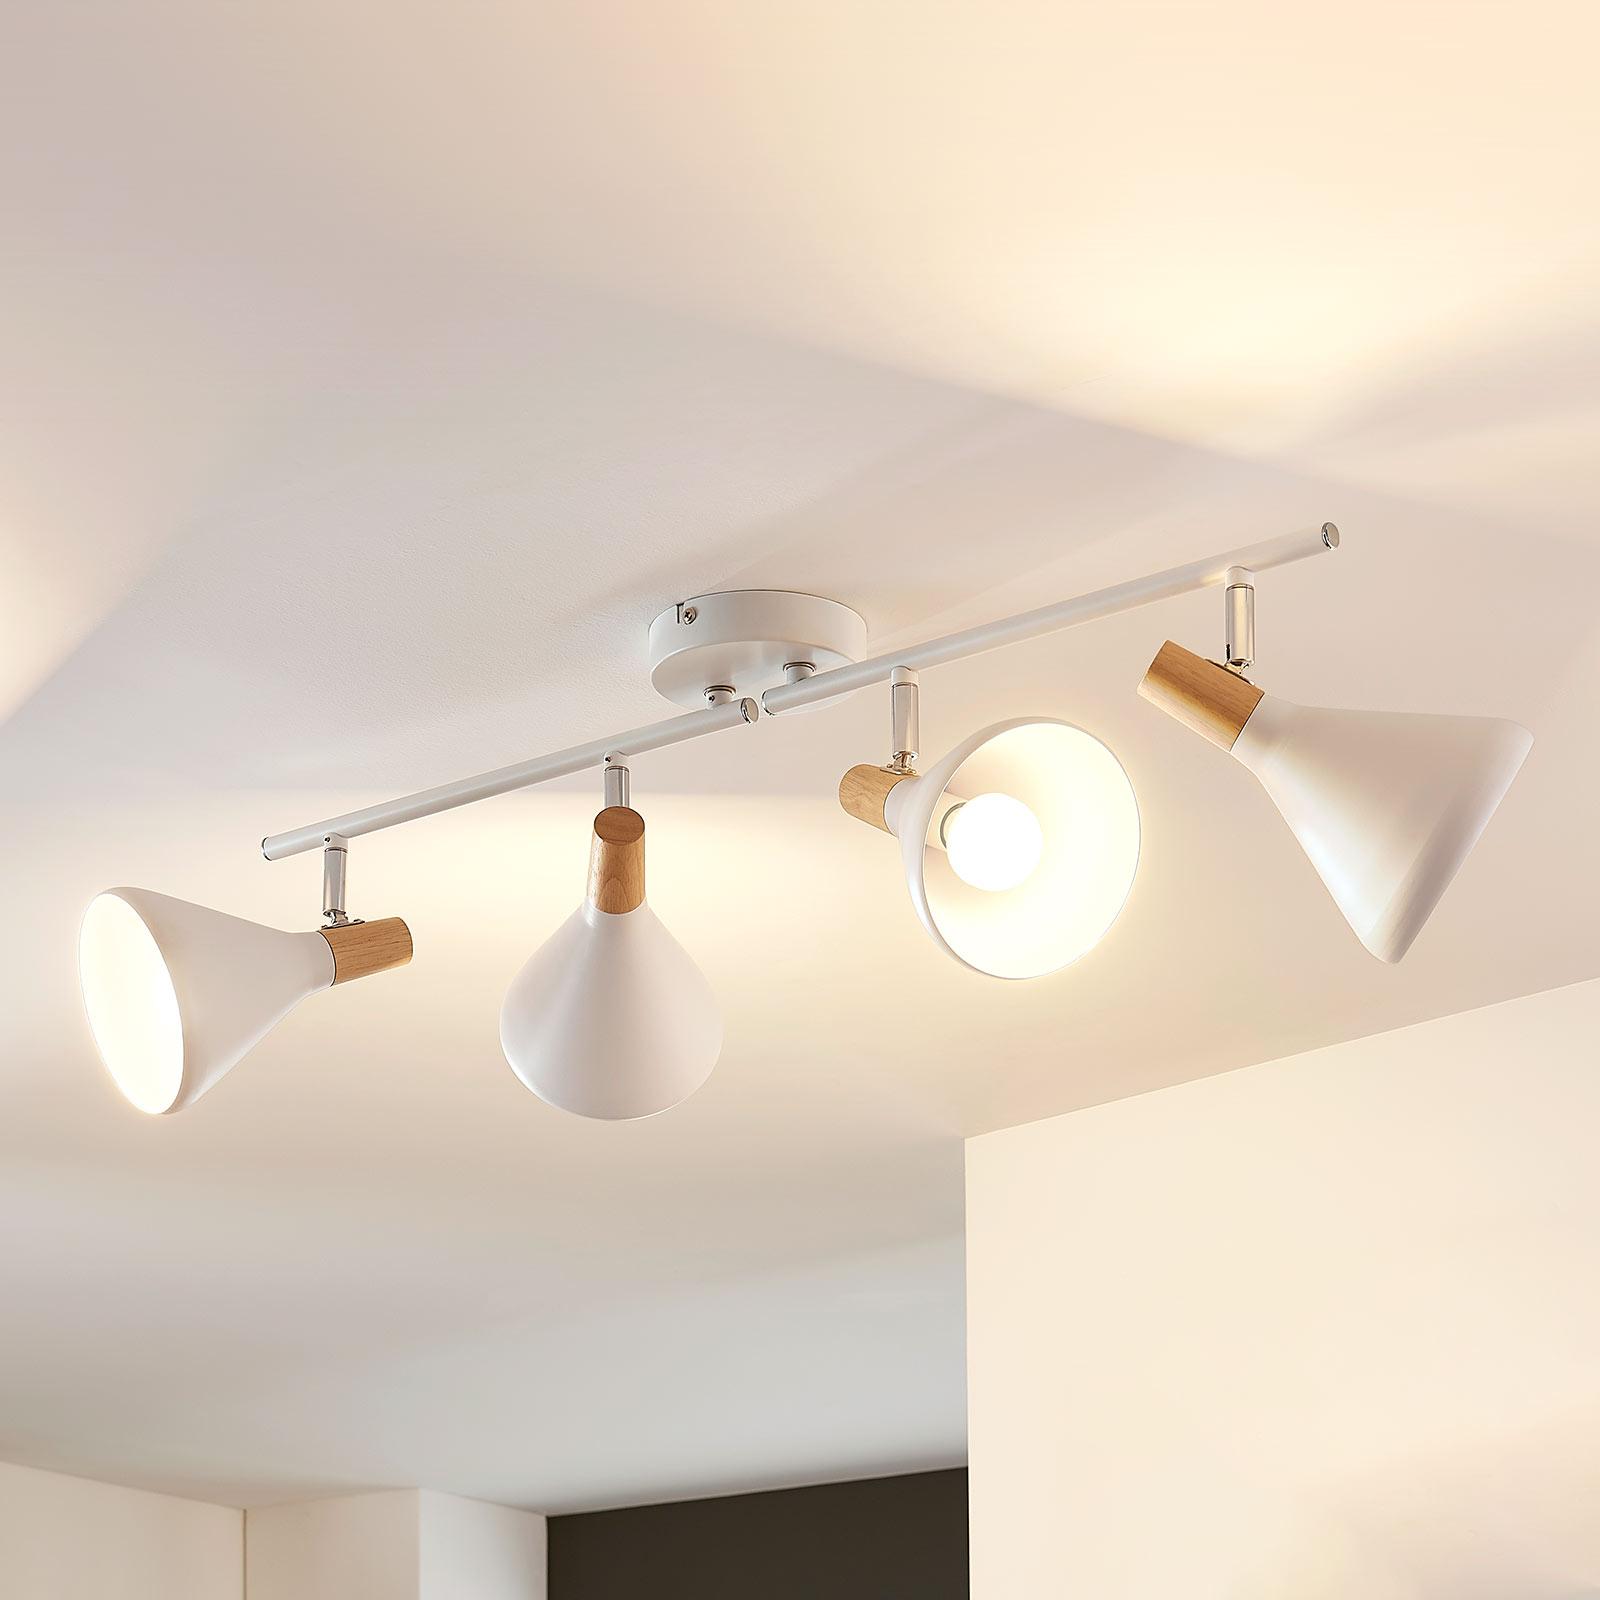 LED-taklampe Arina i tre med 4 lyskilder